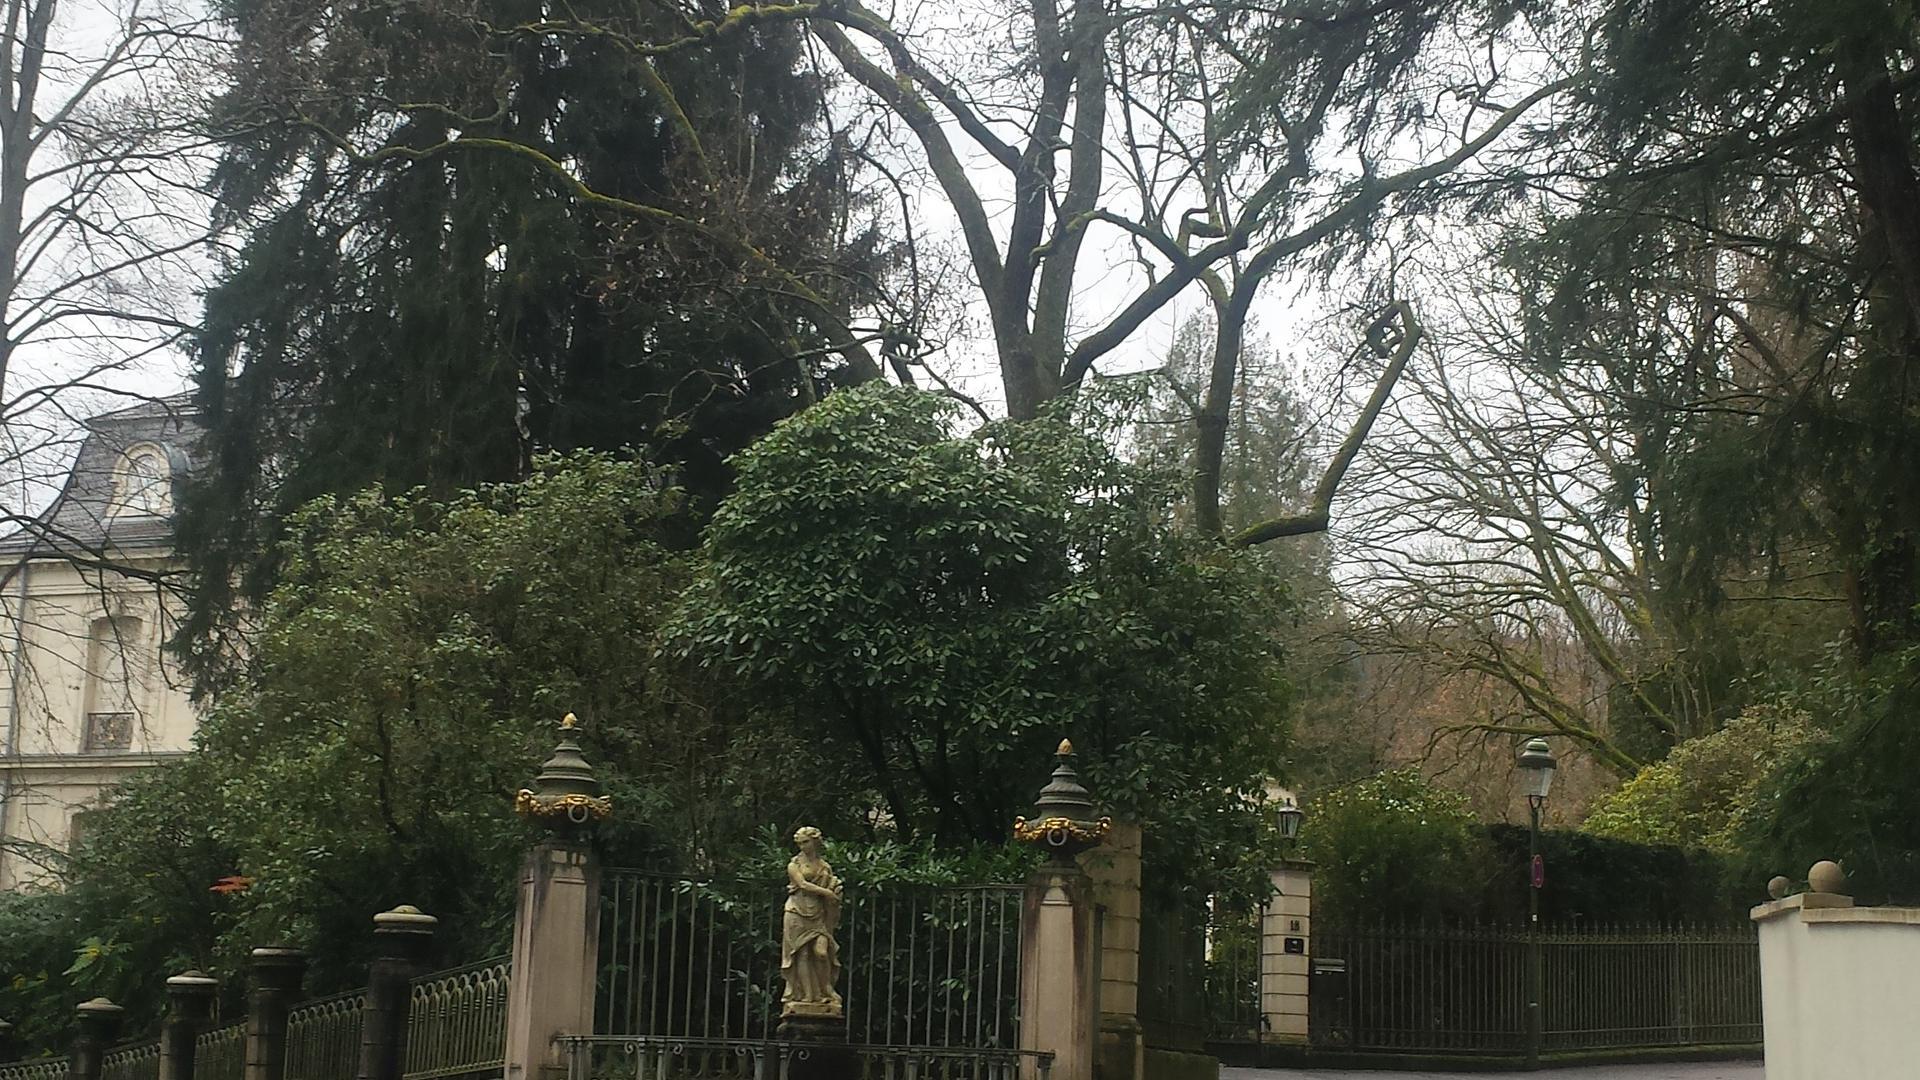 Villa Winterhalter Baden-Baden mit Garten ursprünglich von Fürst Pückler geplant, heutiger Zustand,